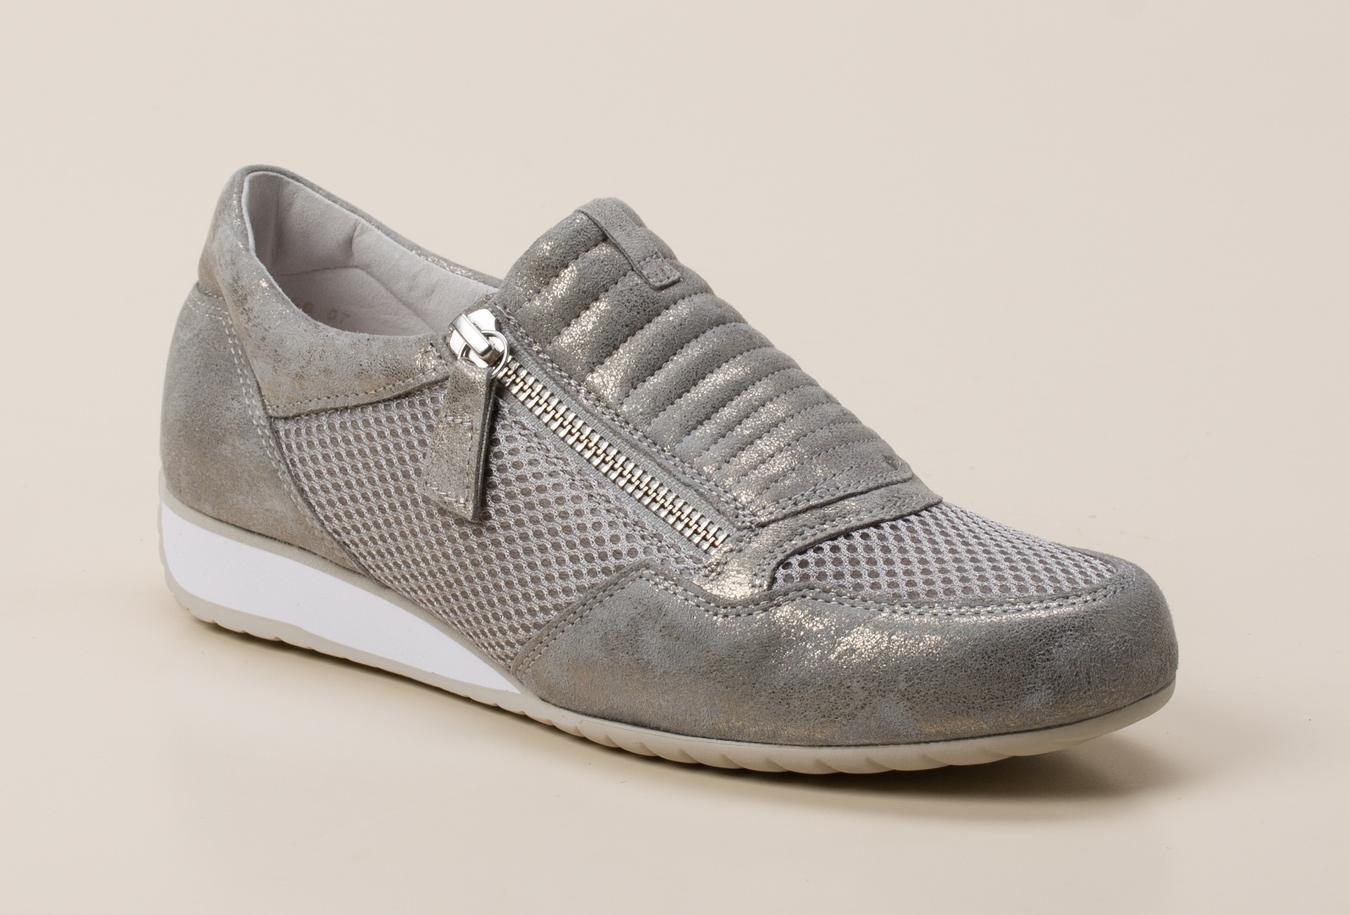 Gabor Graue Schuhe   Damen Herren Schuhe Online